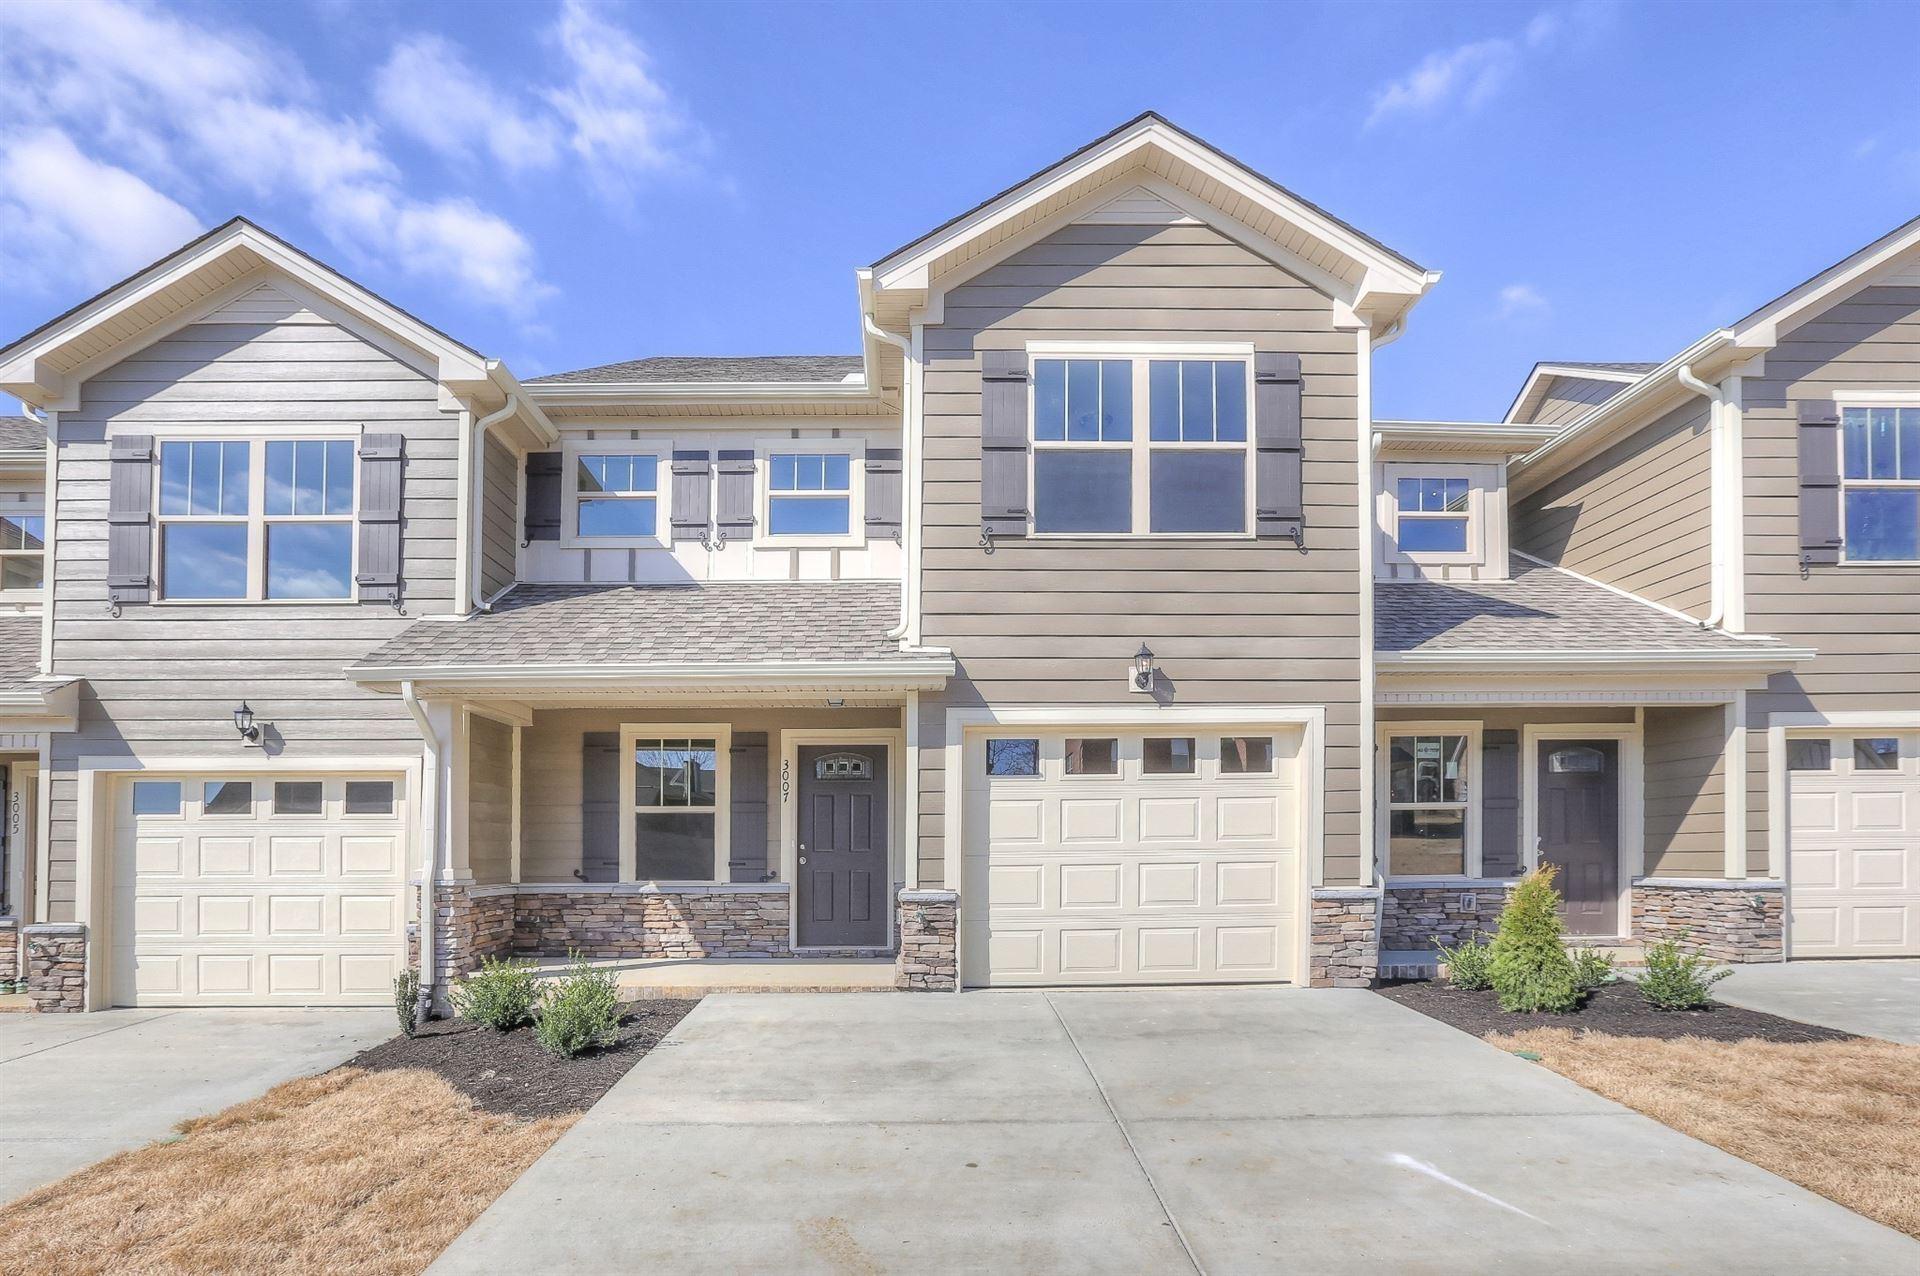 215 Ruth Way Lot 55, Spring Hill, TN 37174 - MLS#: 2205963